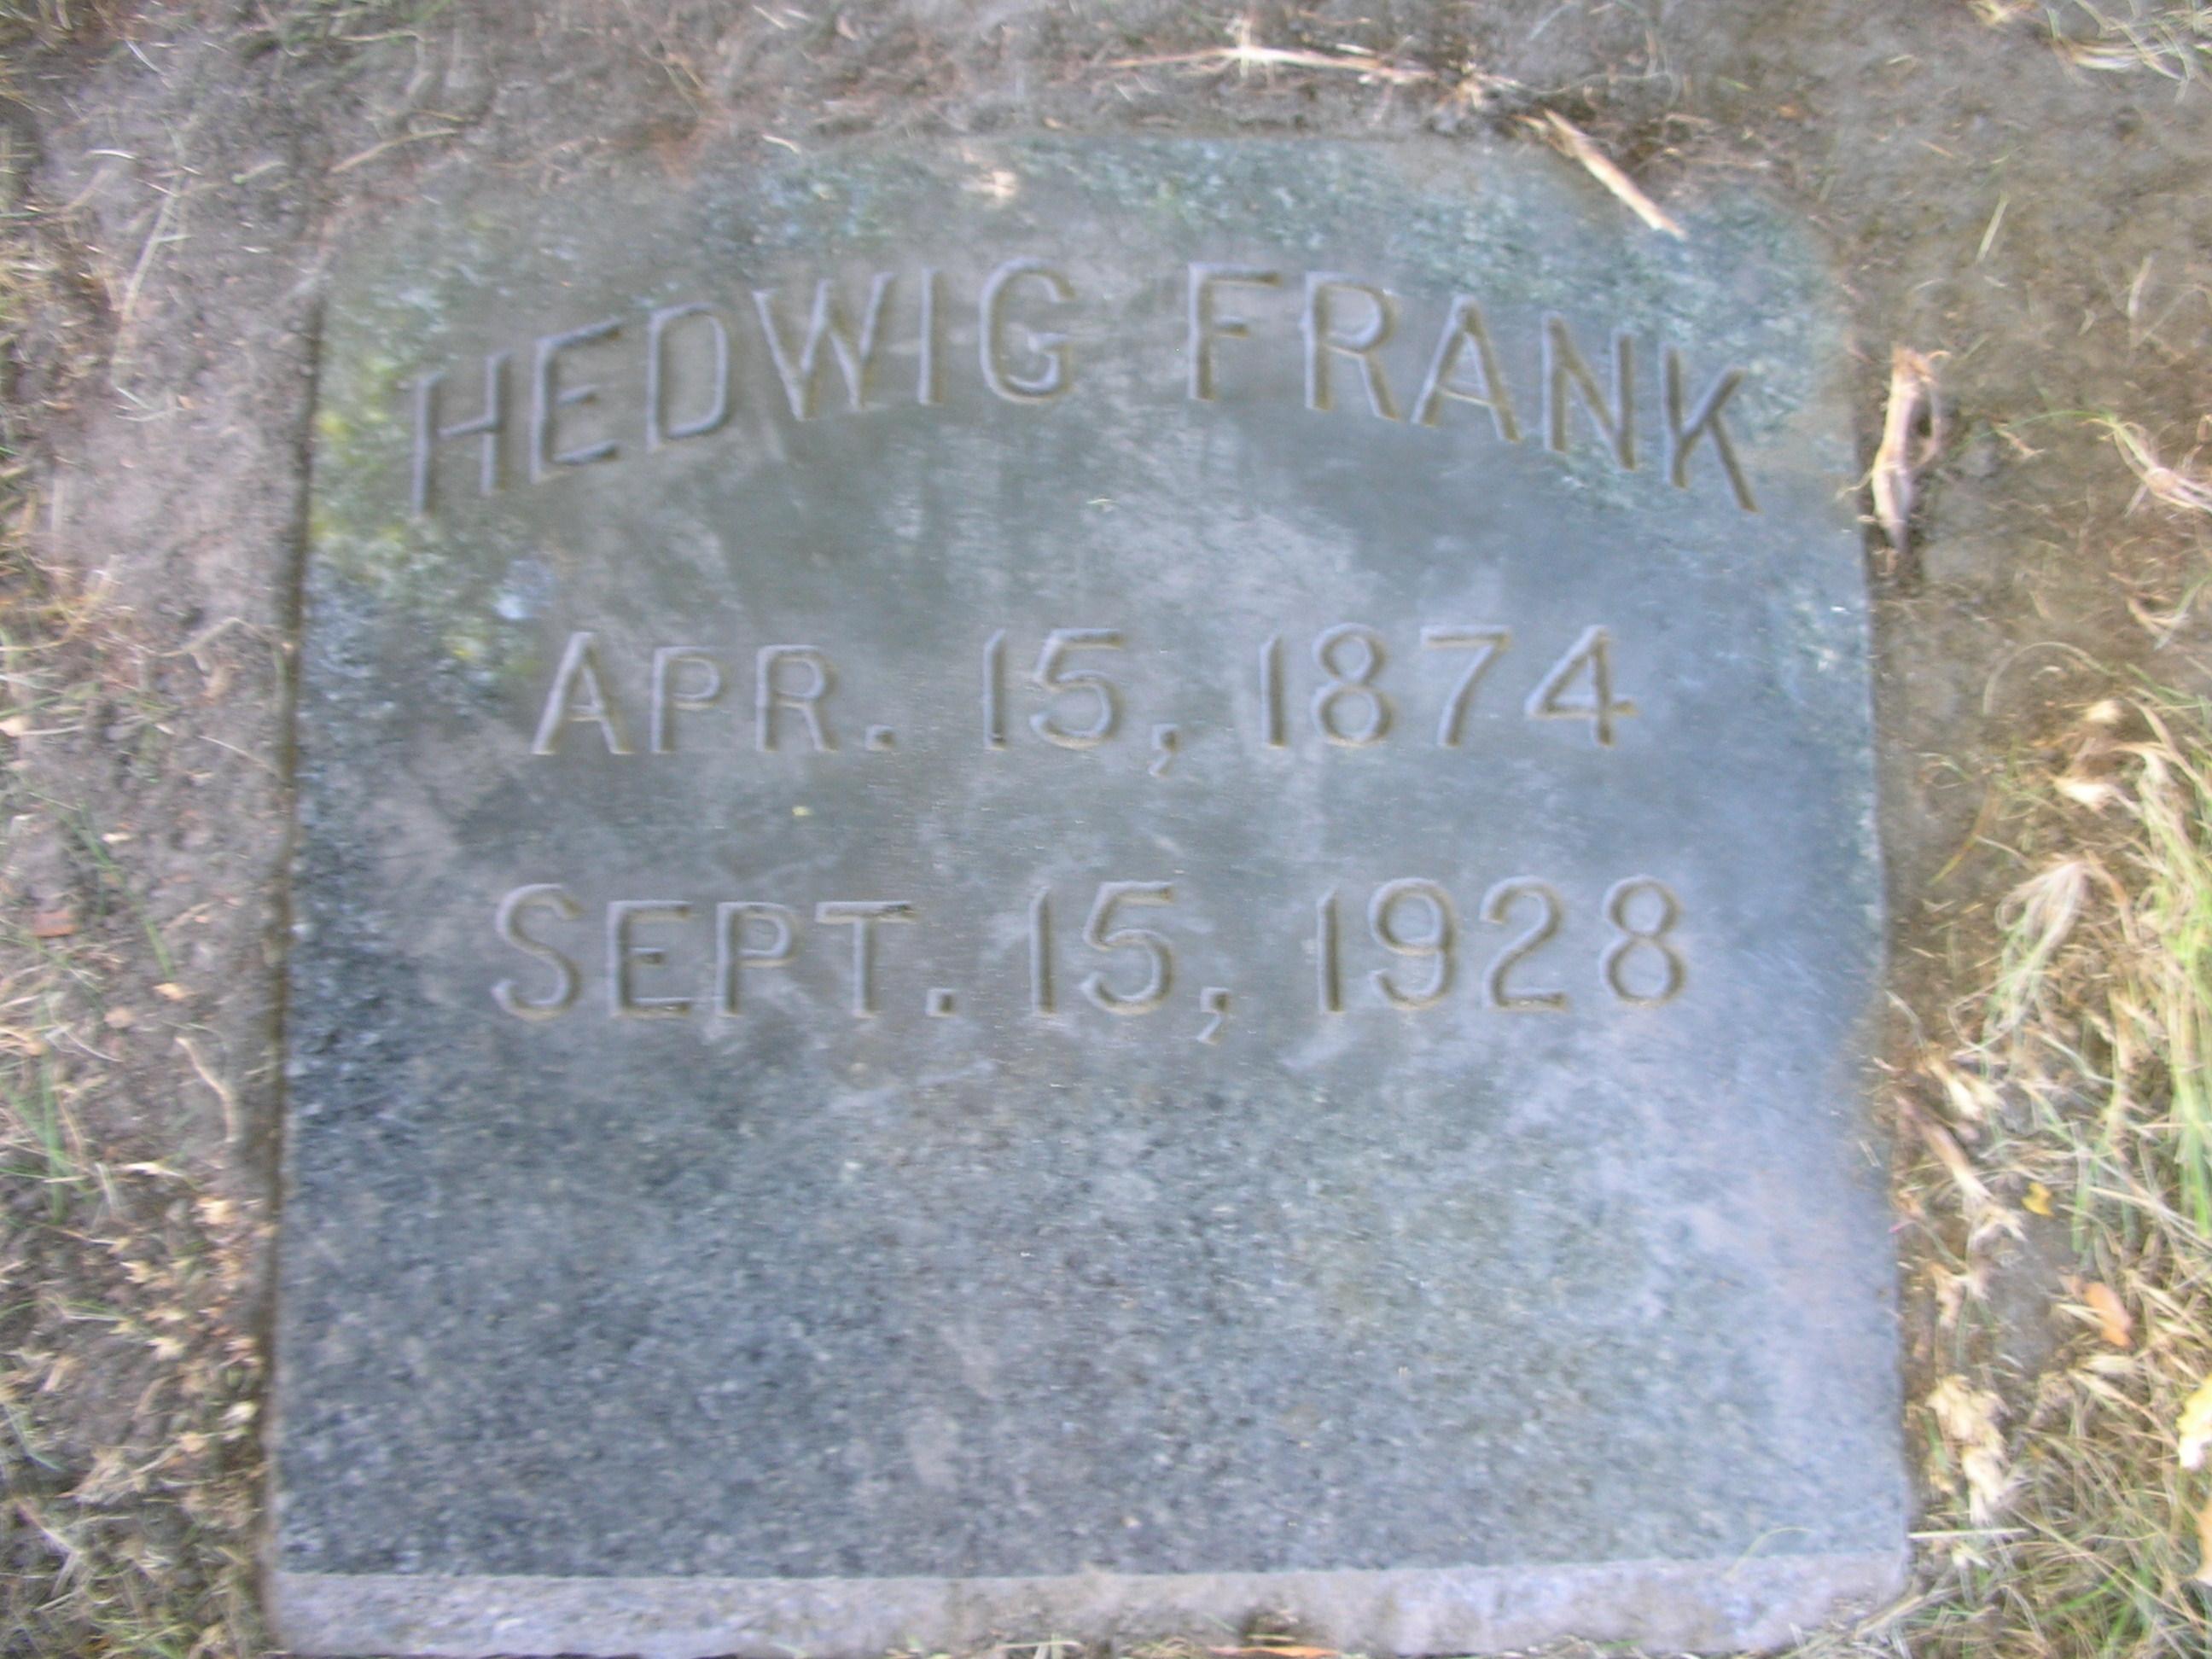 Hedwig Frank